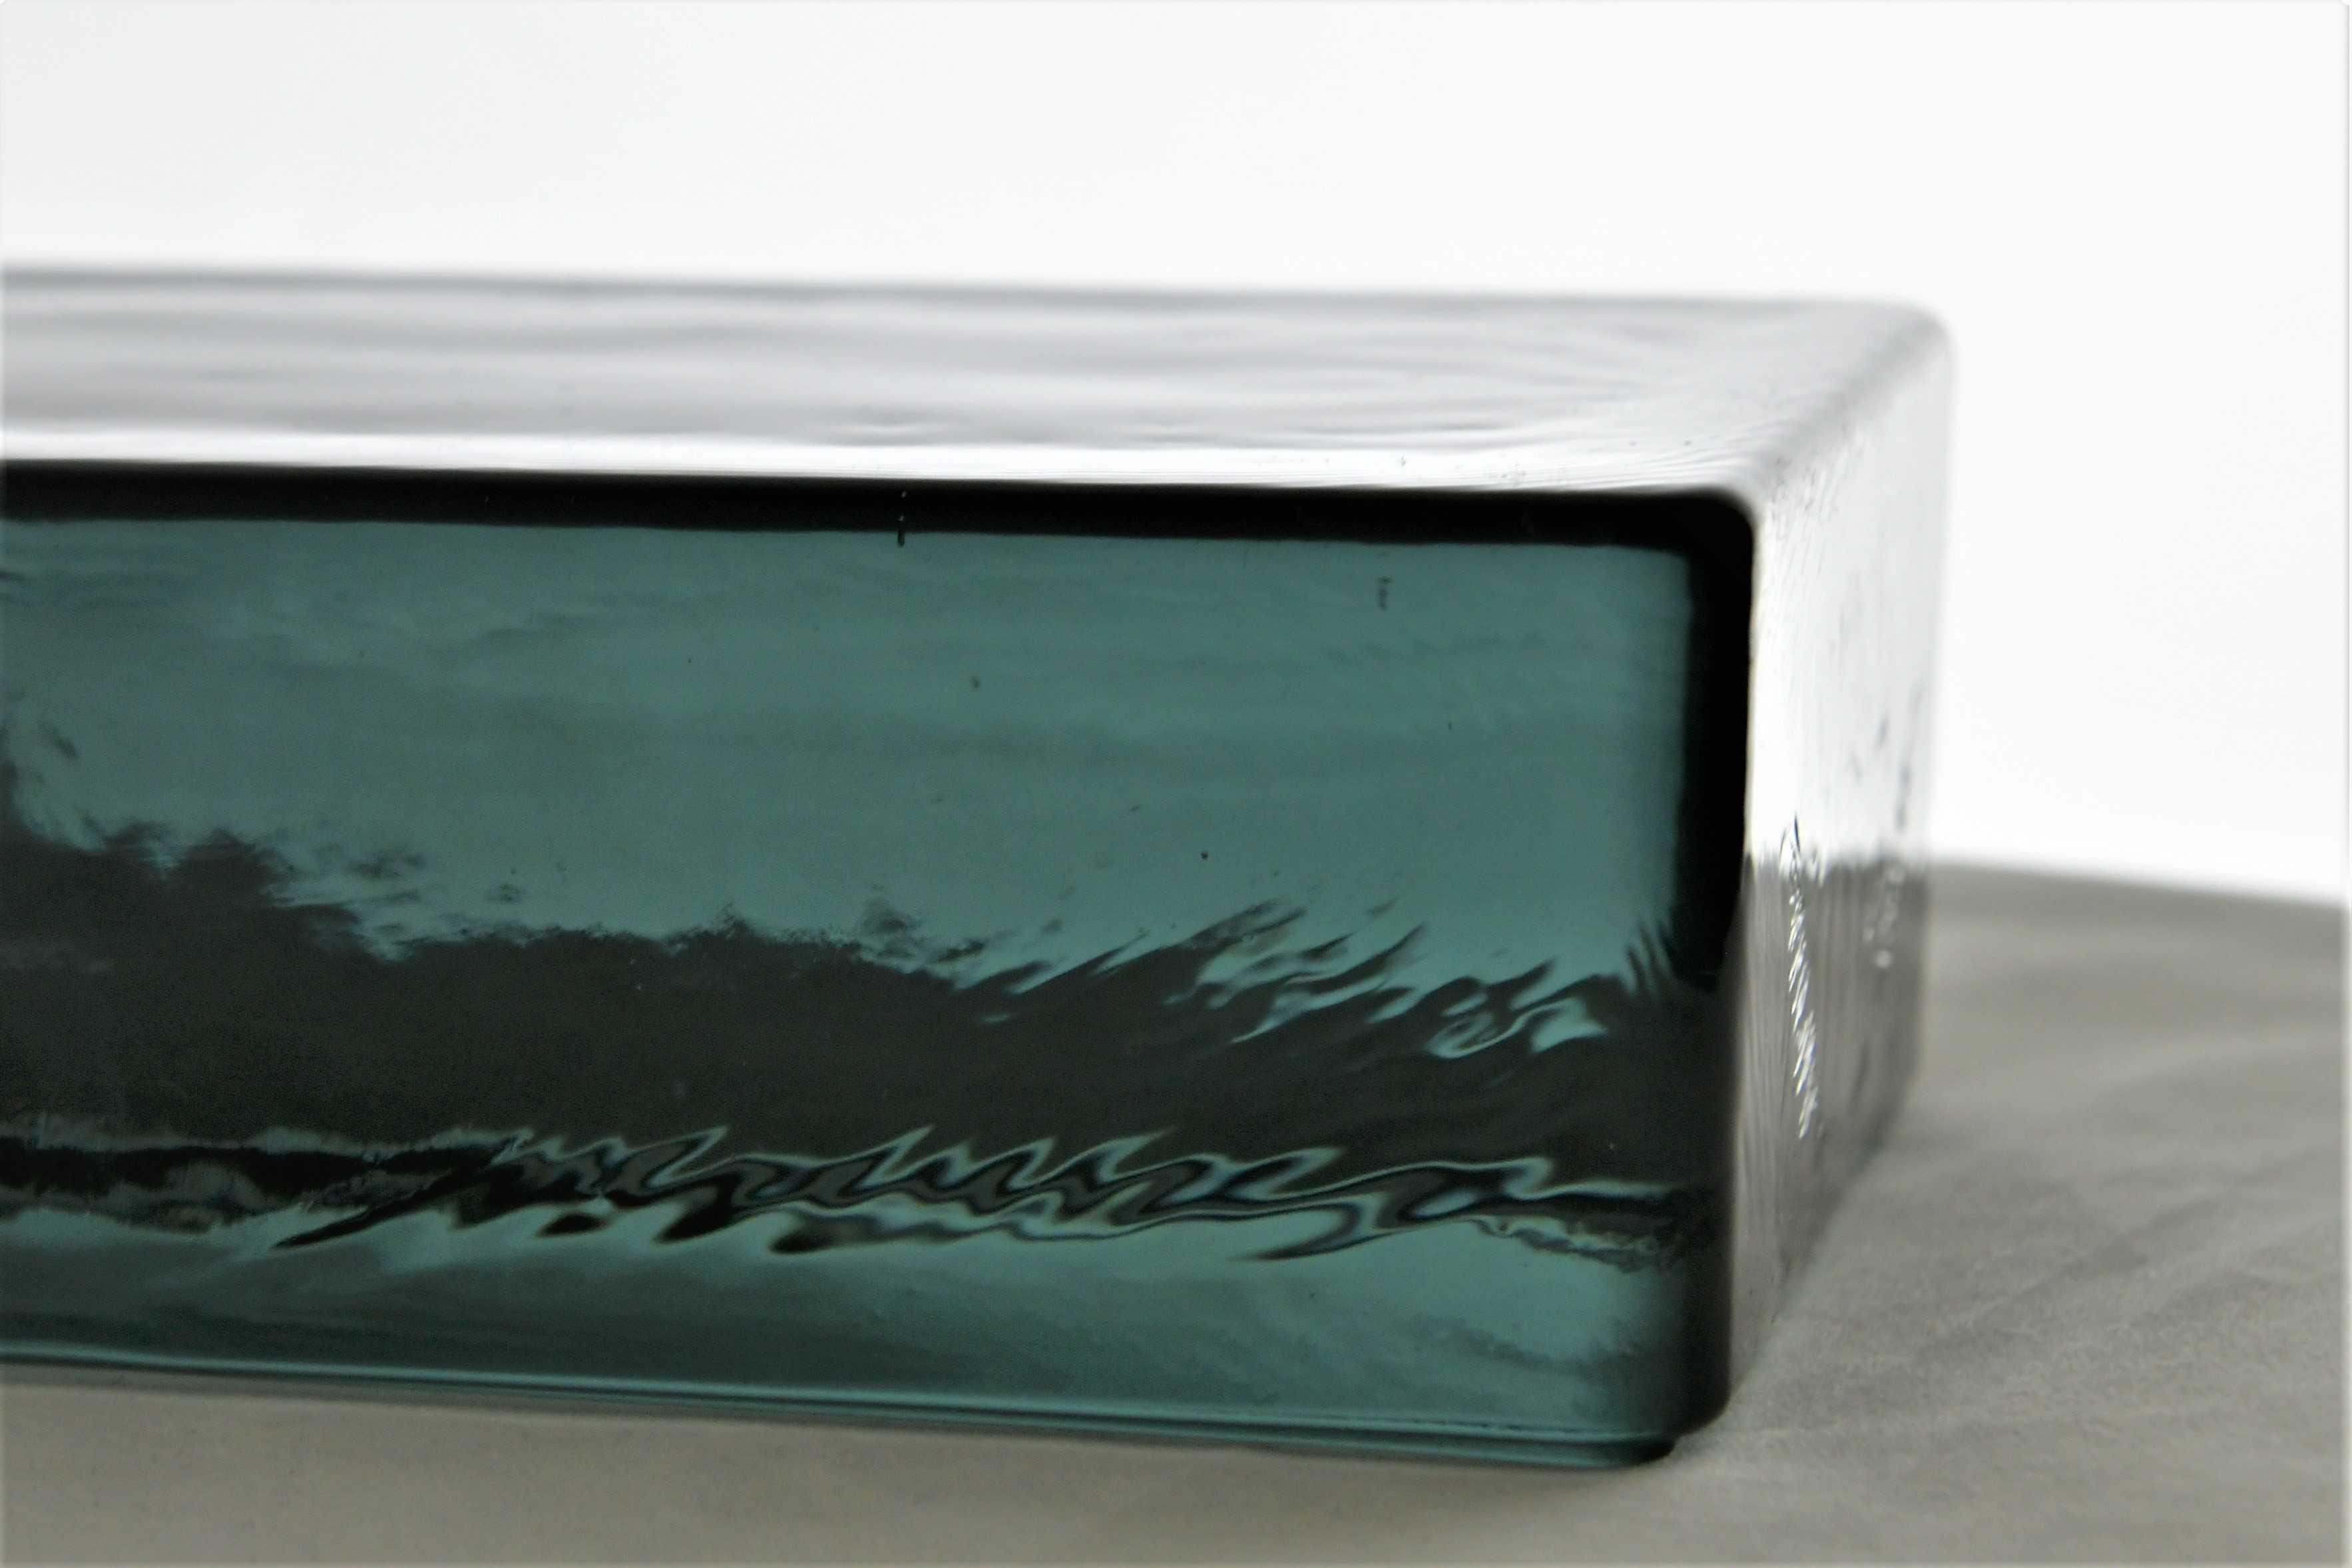 Cegły szklane glass brick glass blocks Glasspol Luksfer Luxfer Glassbausteine Wroclaw Trzebnica bez podpisu Fot Maciej Zaluski ( (19)-compressed